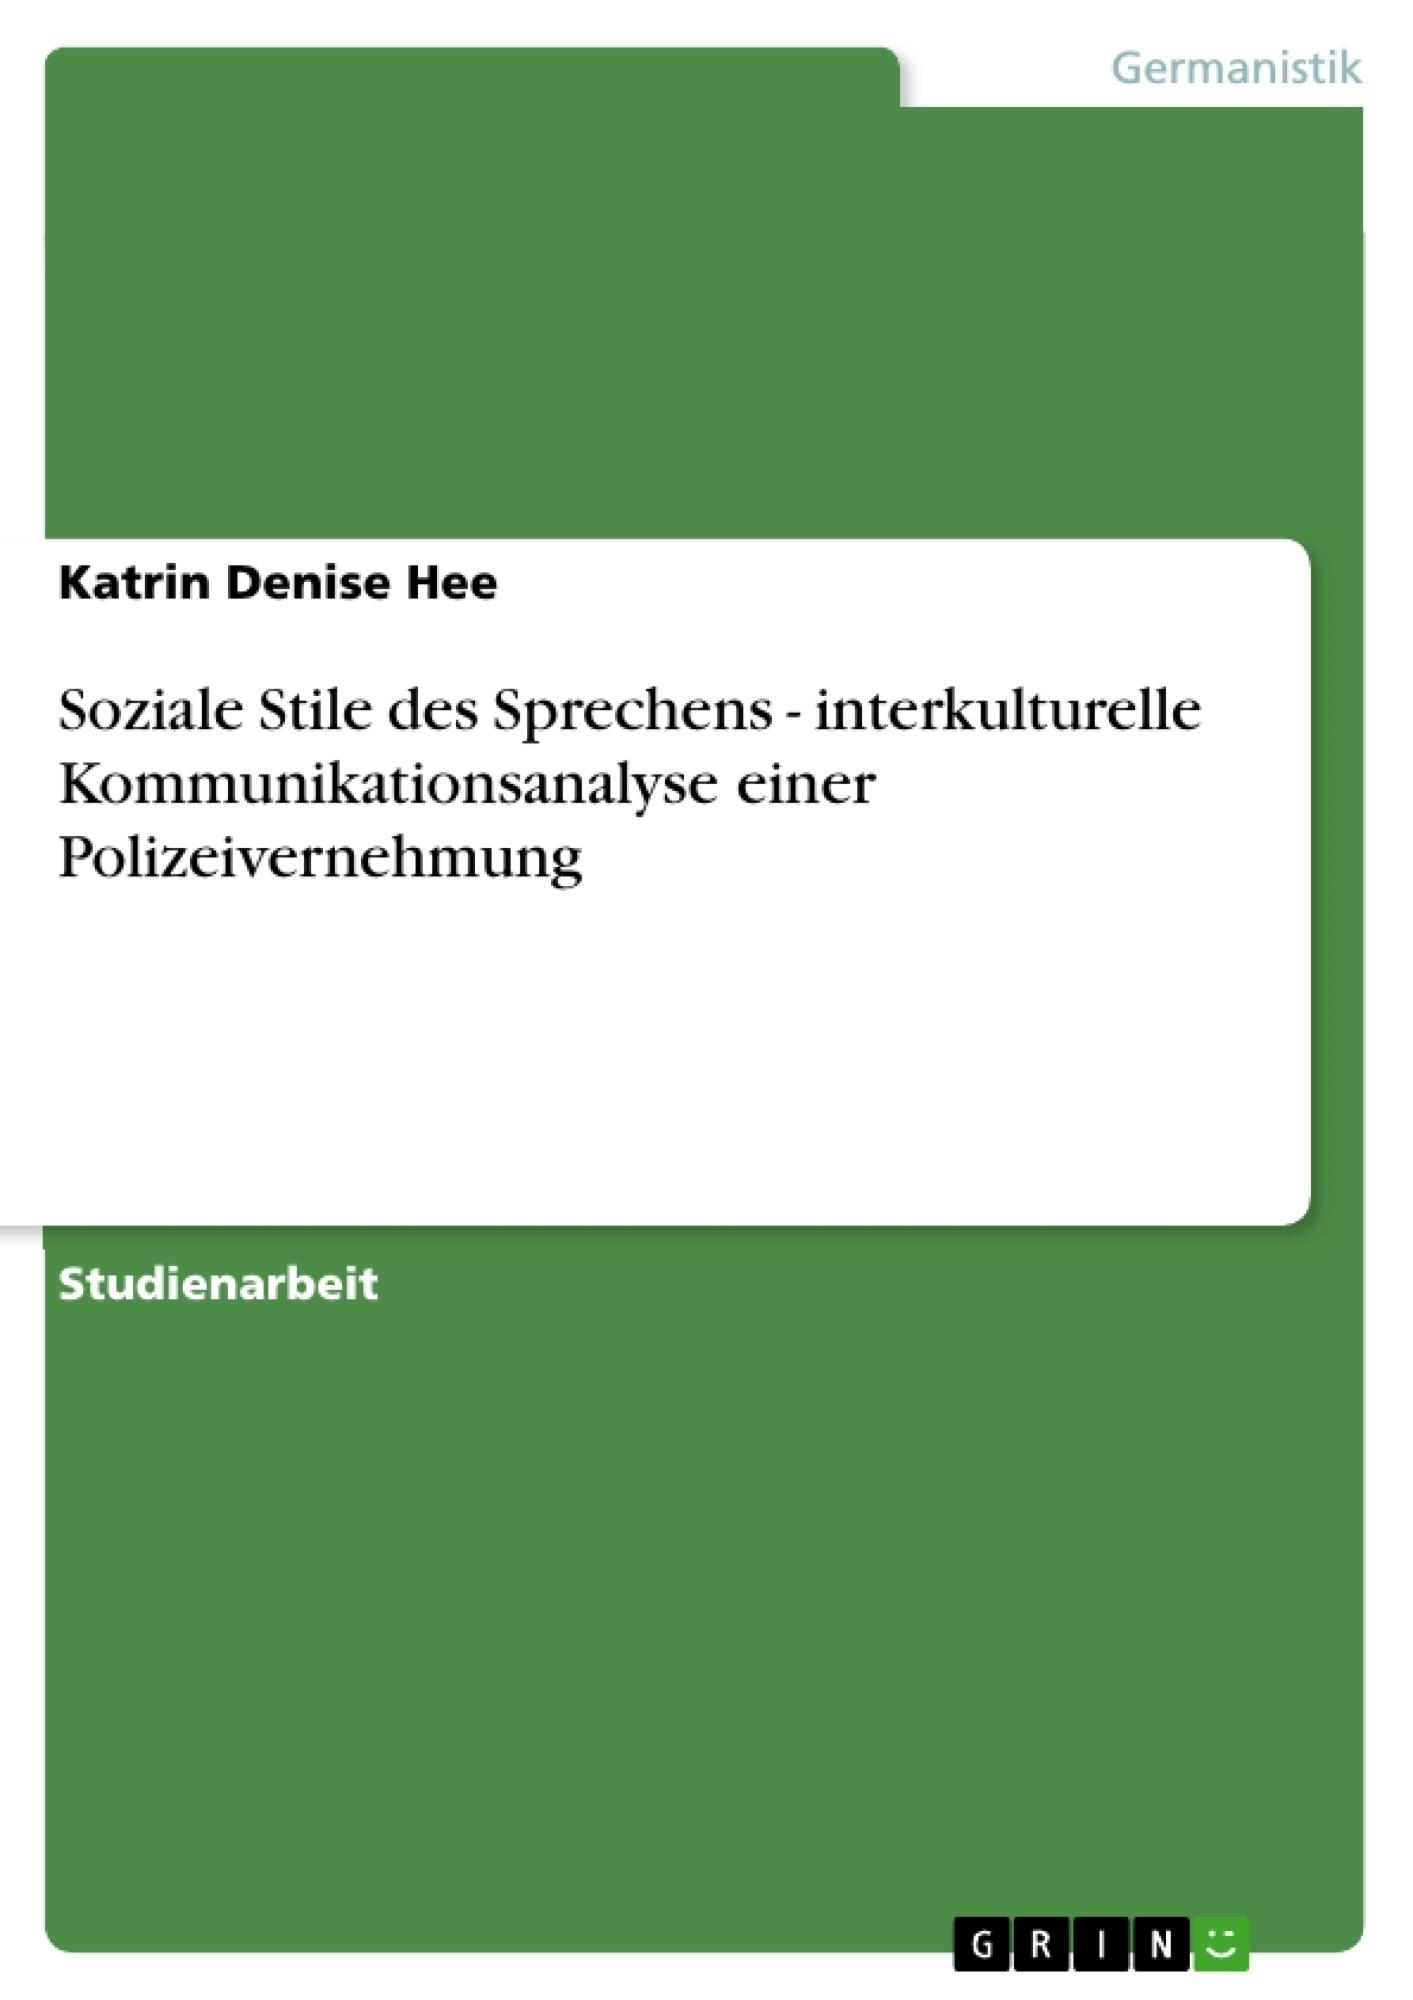 Titel: Soziale Stile des Sprechens - interkulturelle Kommunikationsanalyse einer Polizeivernehmung